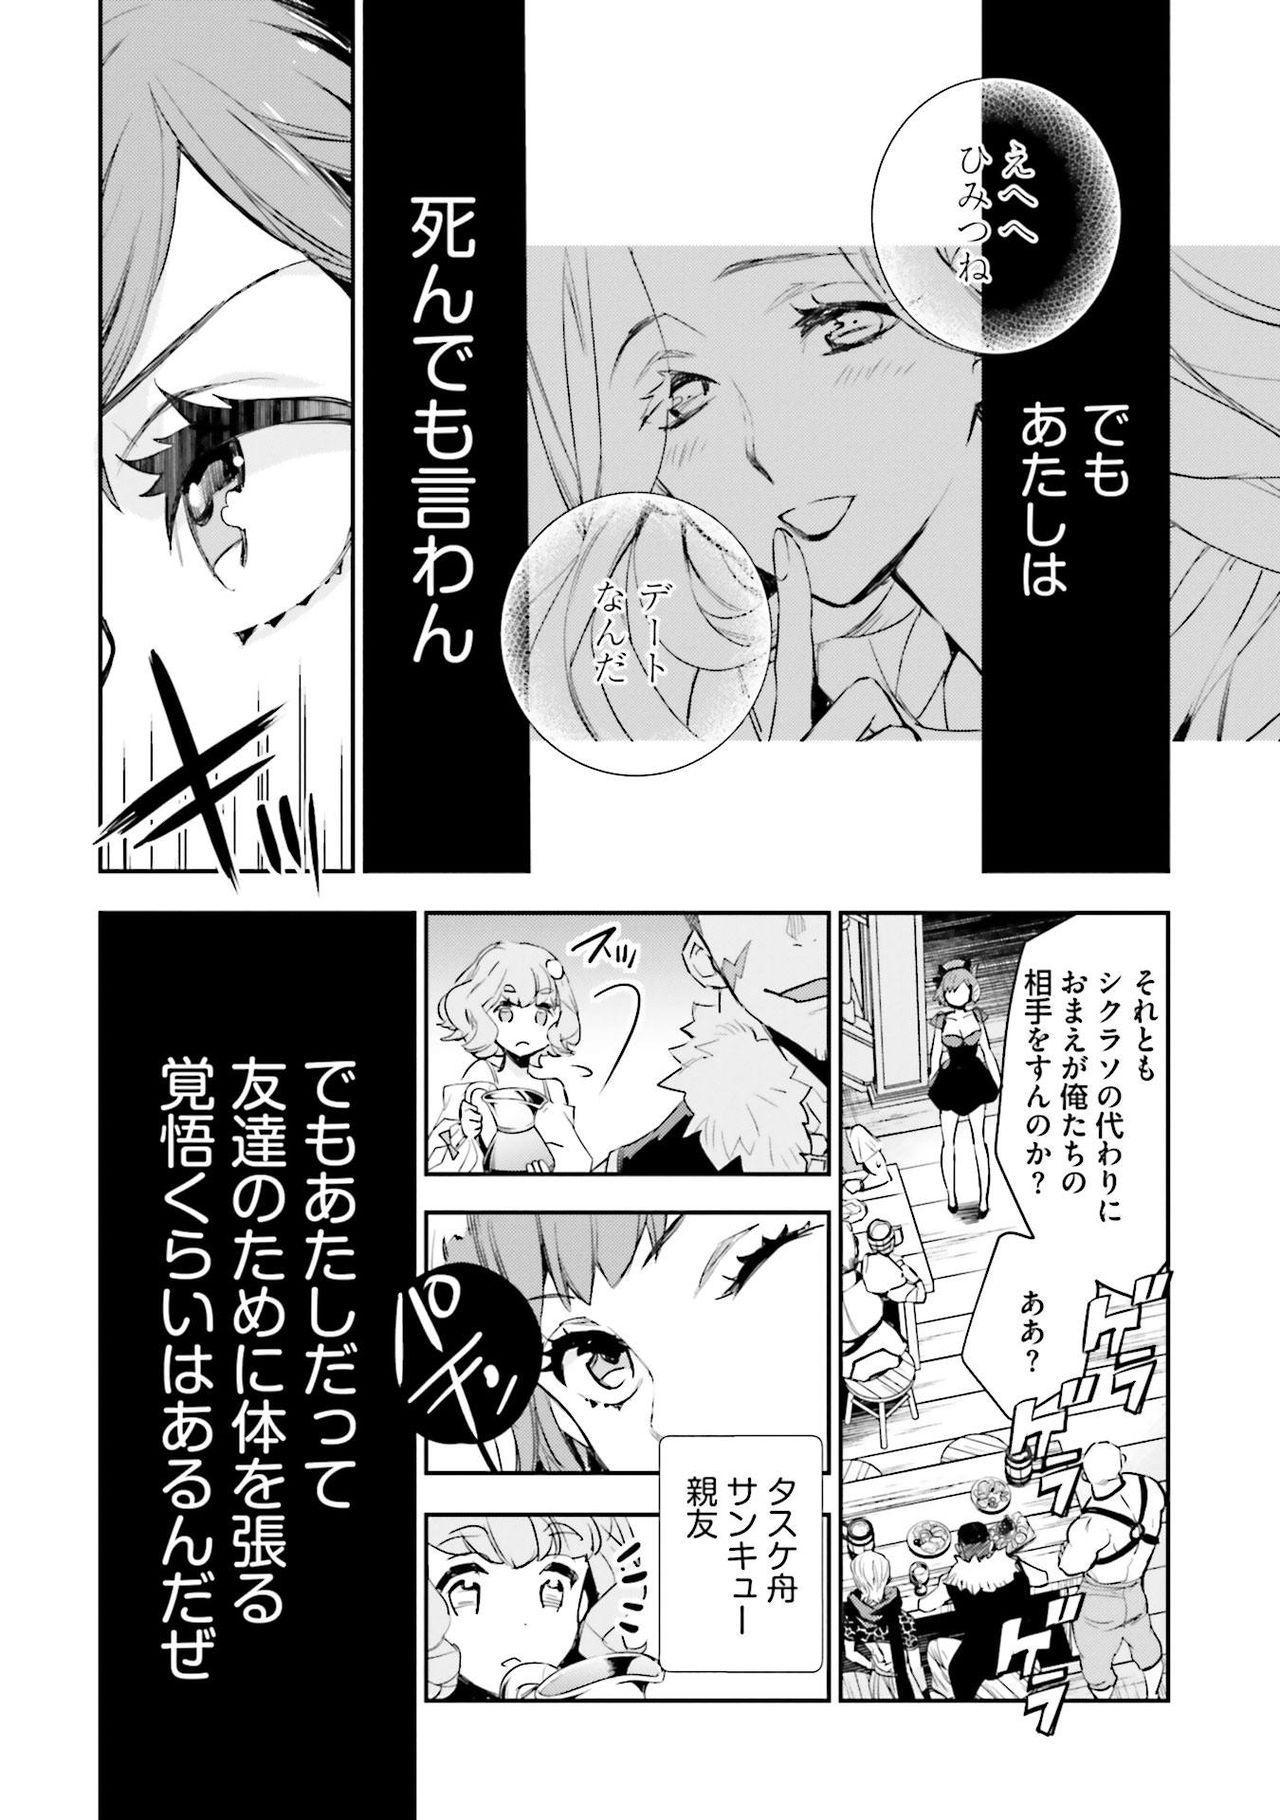 JK Haru wa Isekai de Shoufu ni Natta 1-14 230